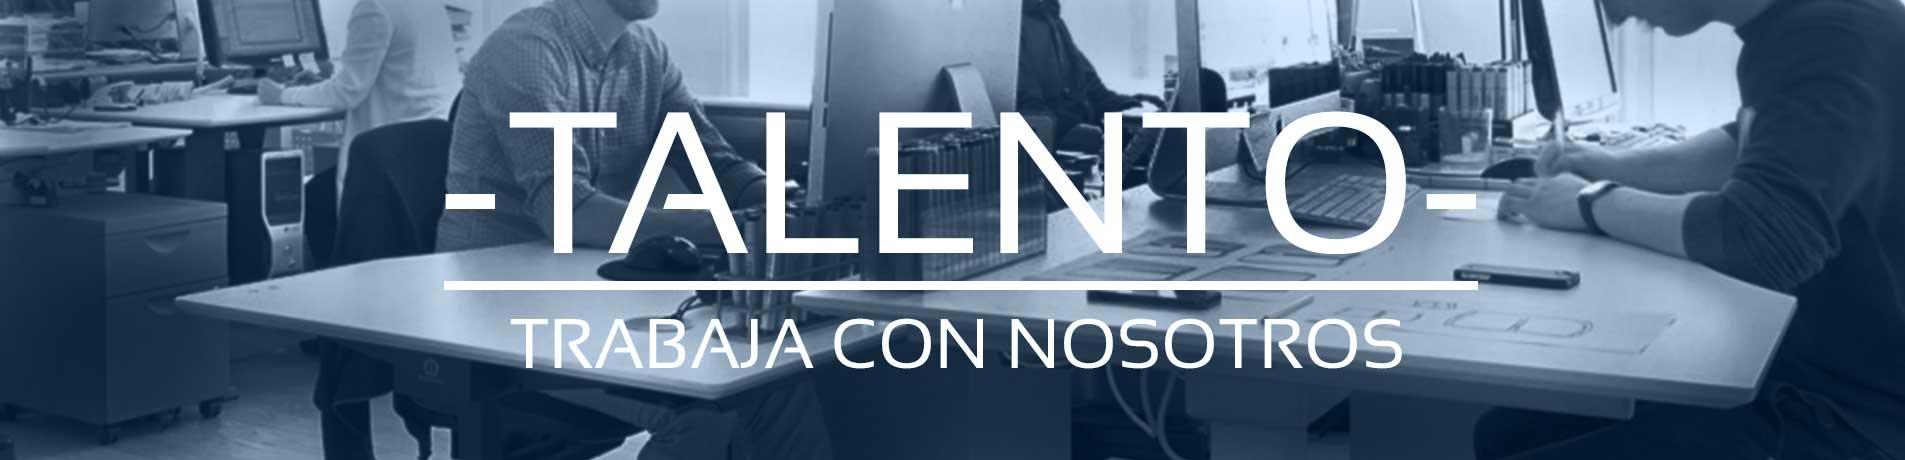 Talento-busqueda-candidatos-sitep-destacado-sobreNosotros-SIG